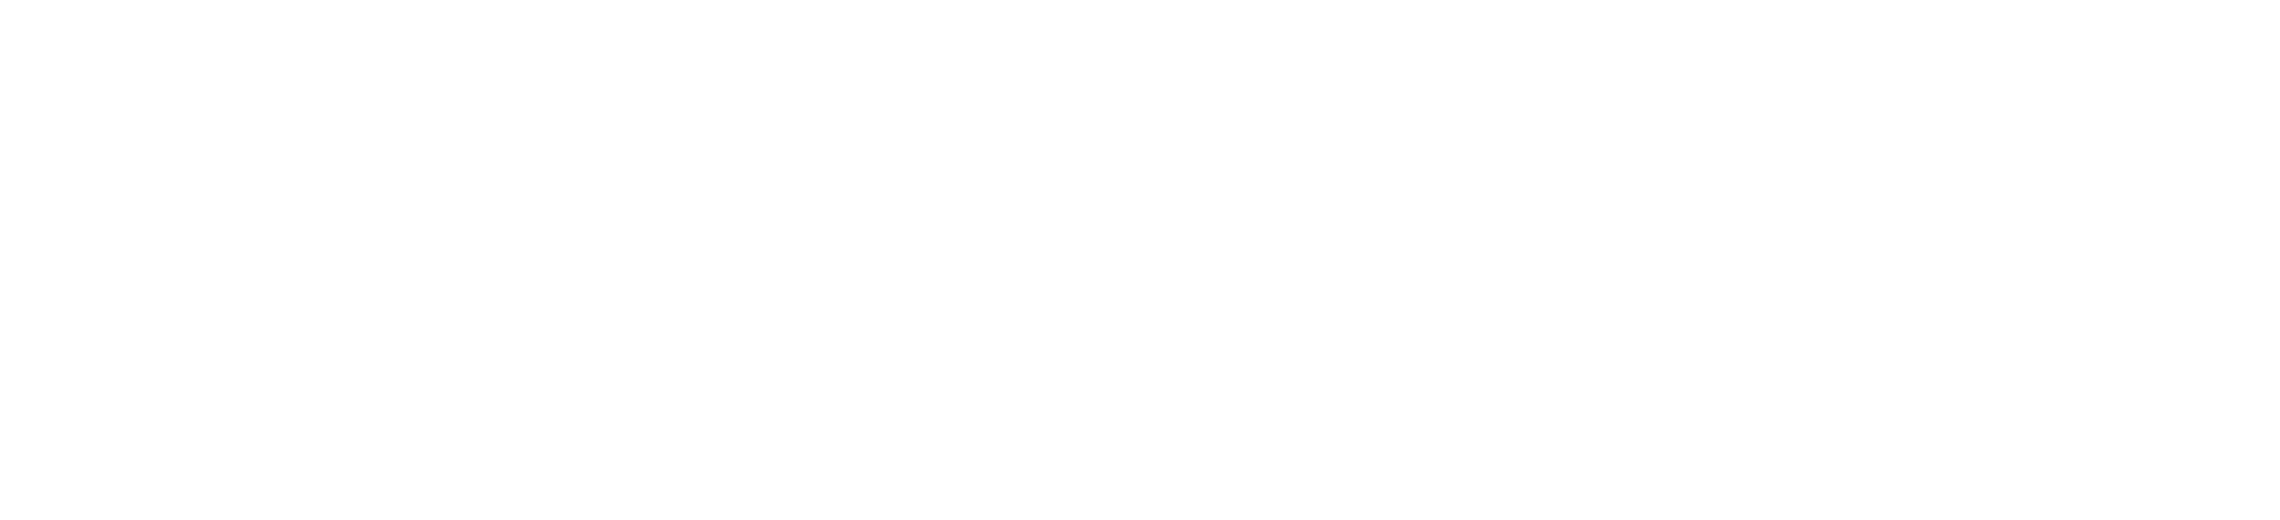 LOGO-WHITE-@8x